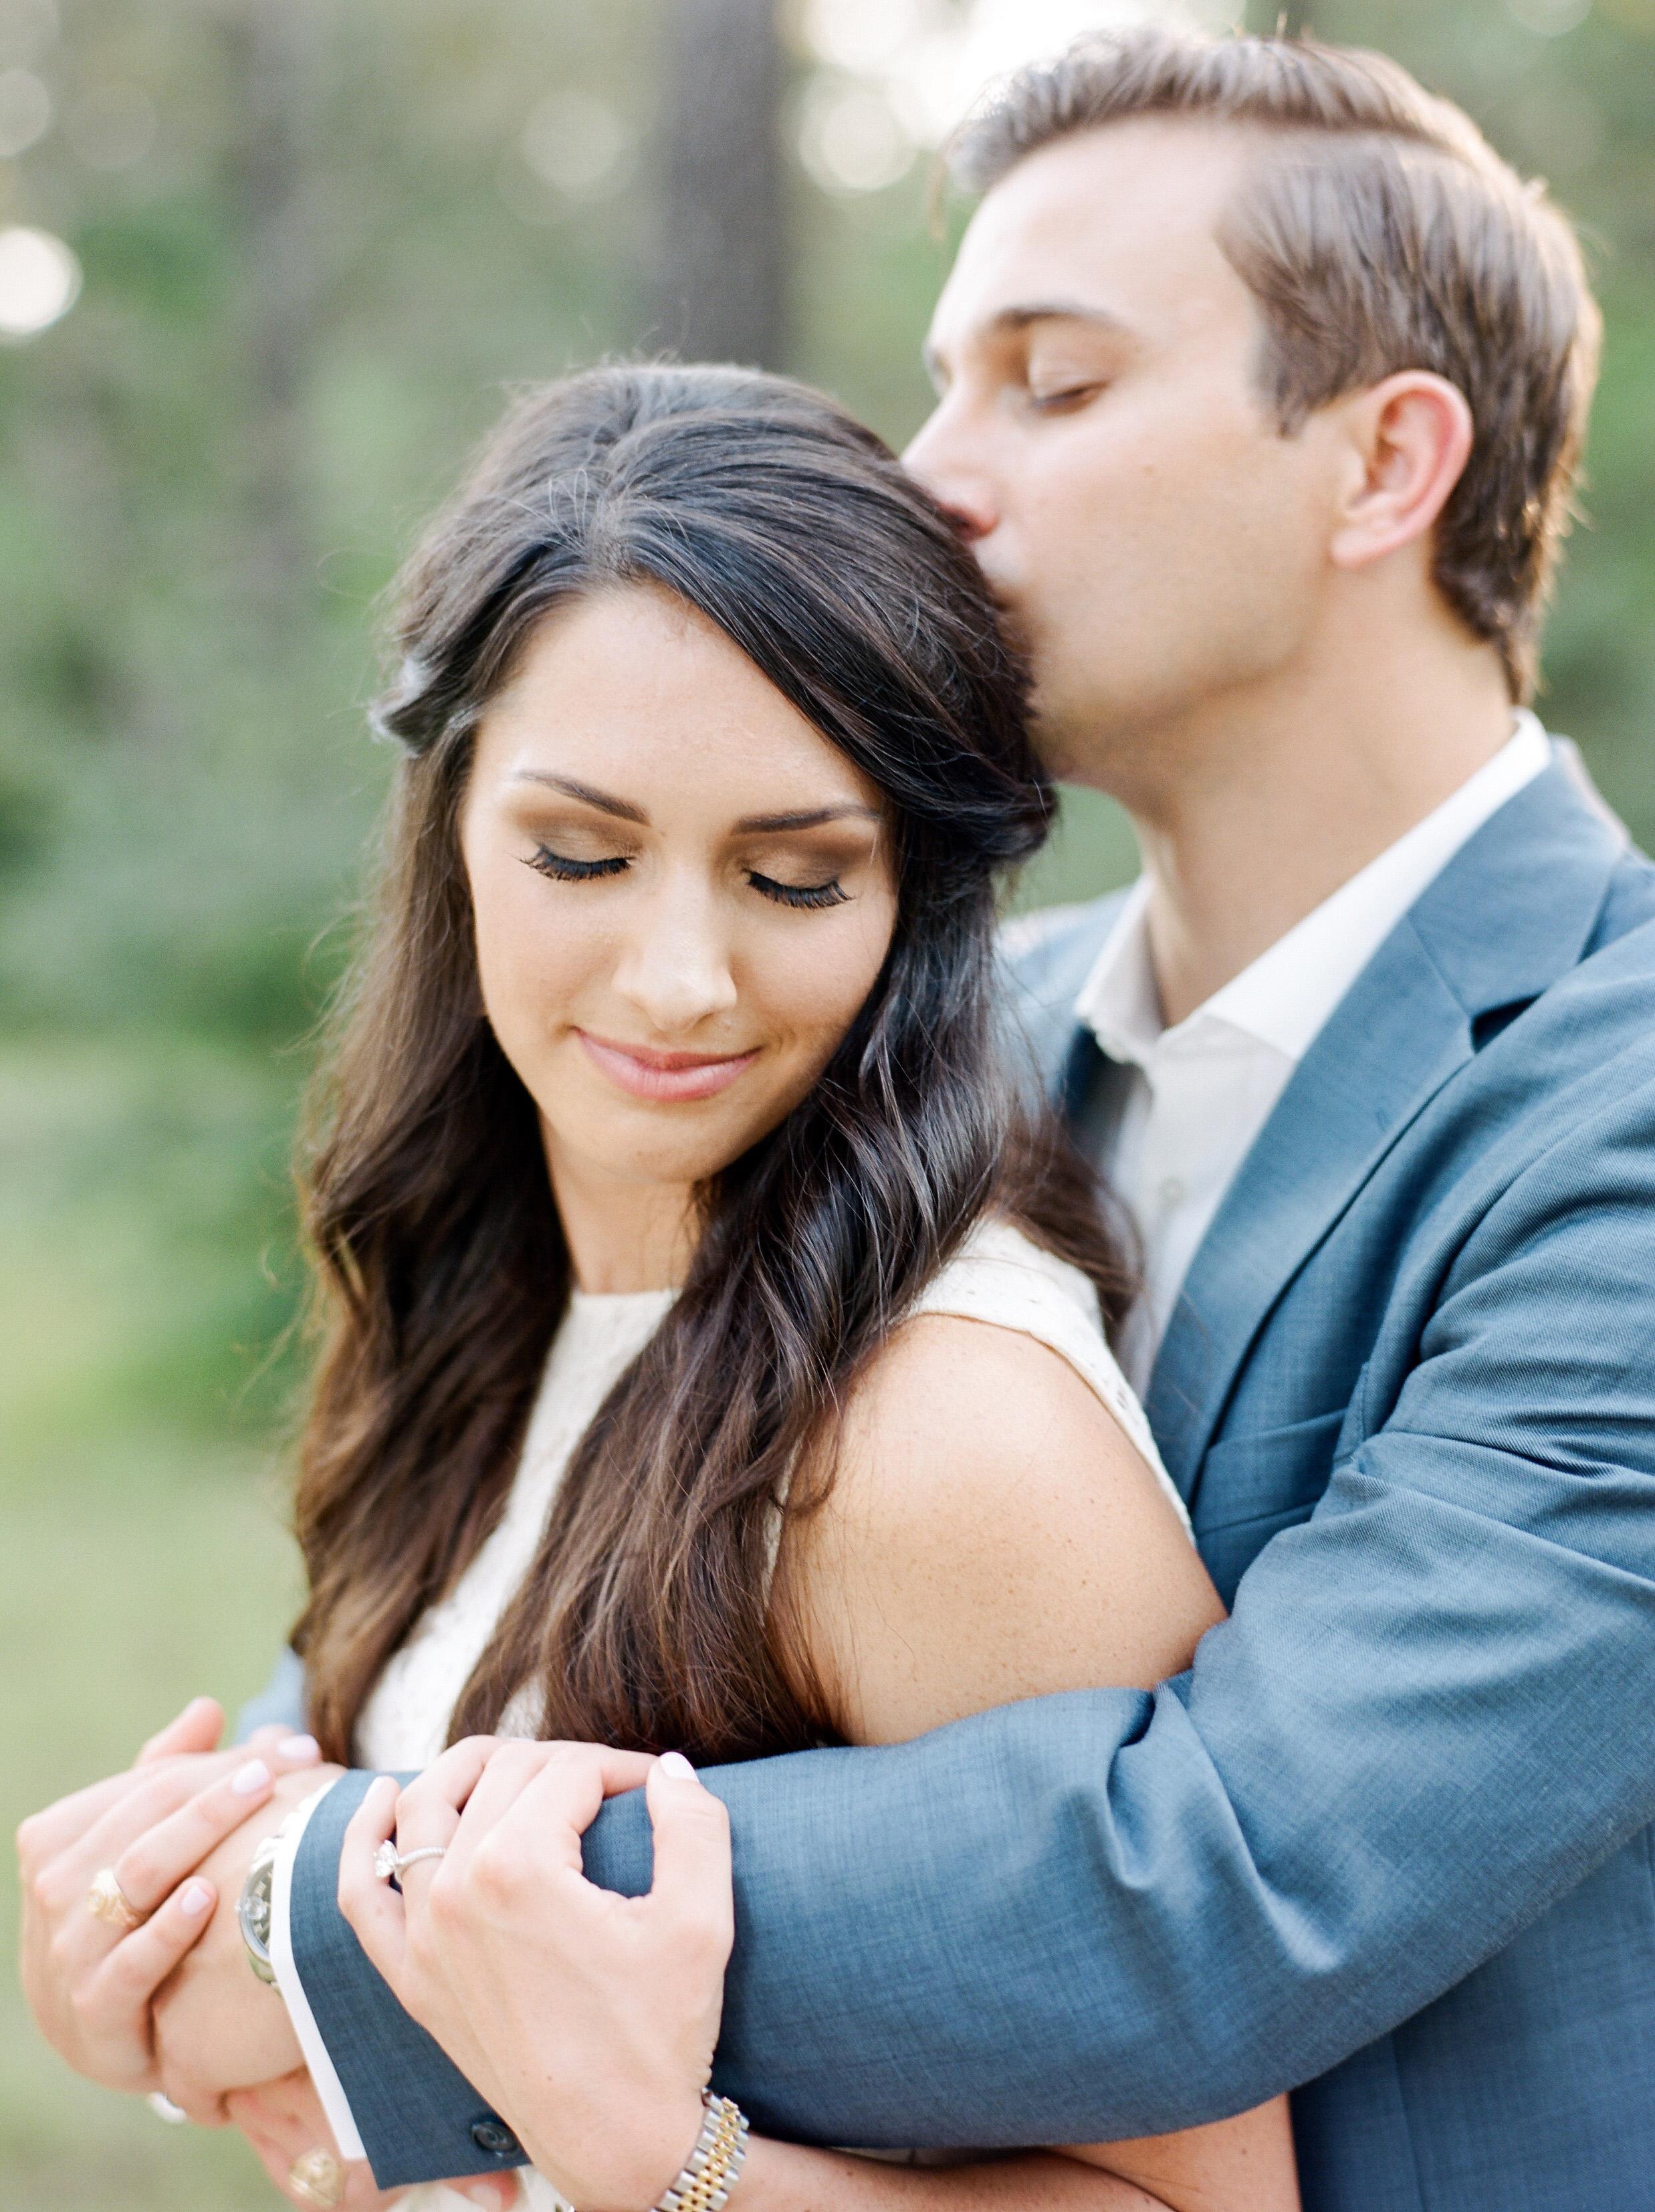 houston-wedding-photographer-engagements-engagement-session-houston-portrait-photographer-film-austin-wedding-photography-7.jpg